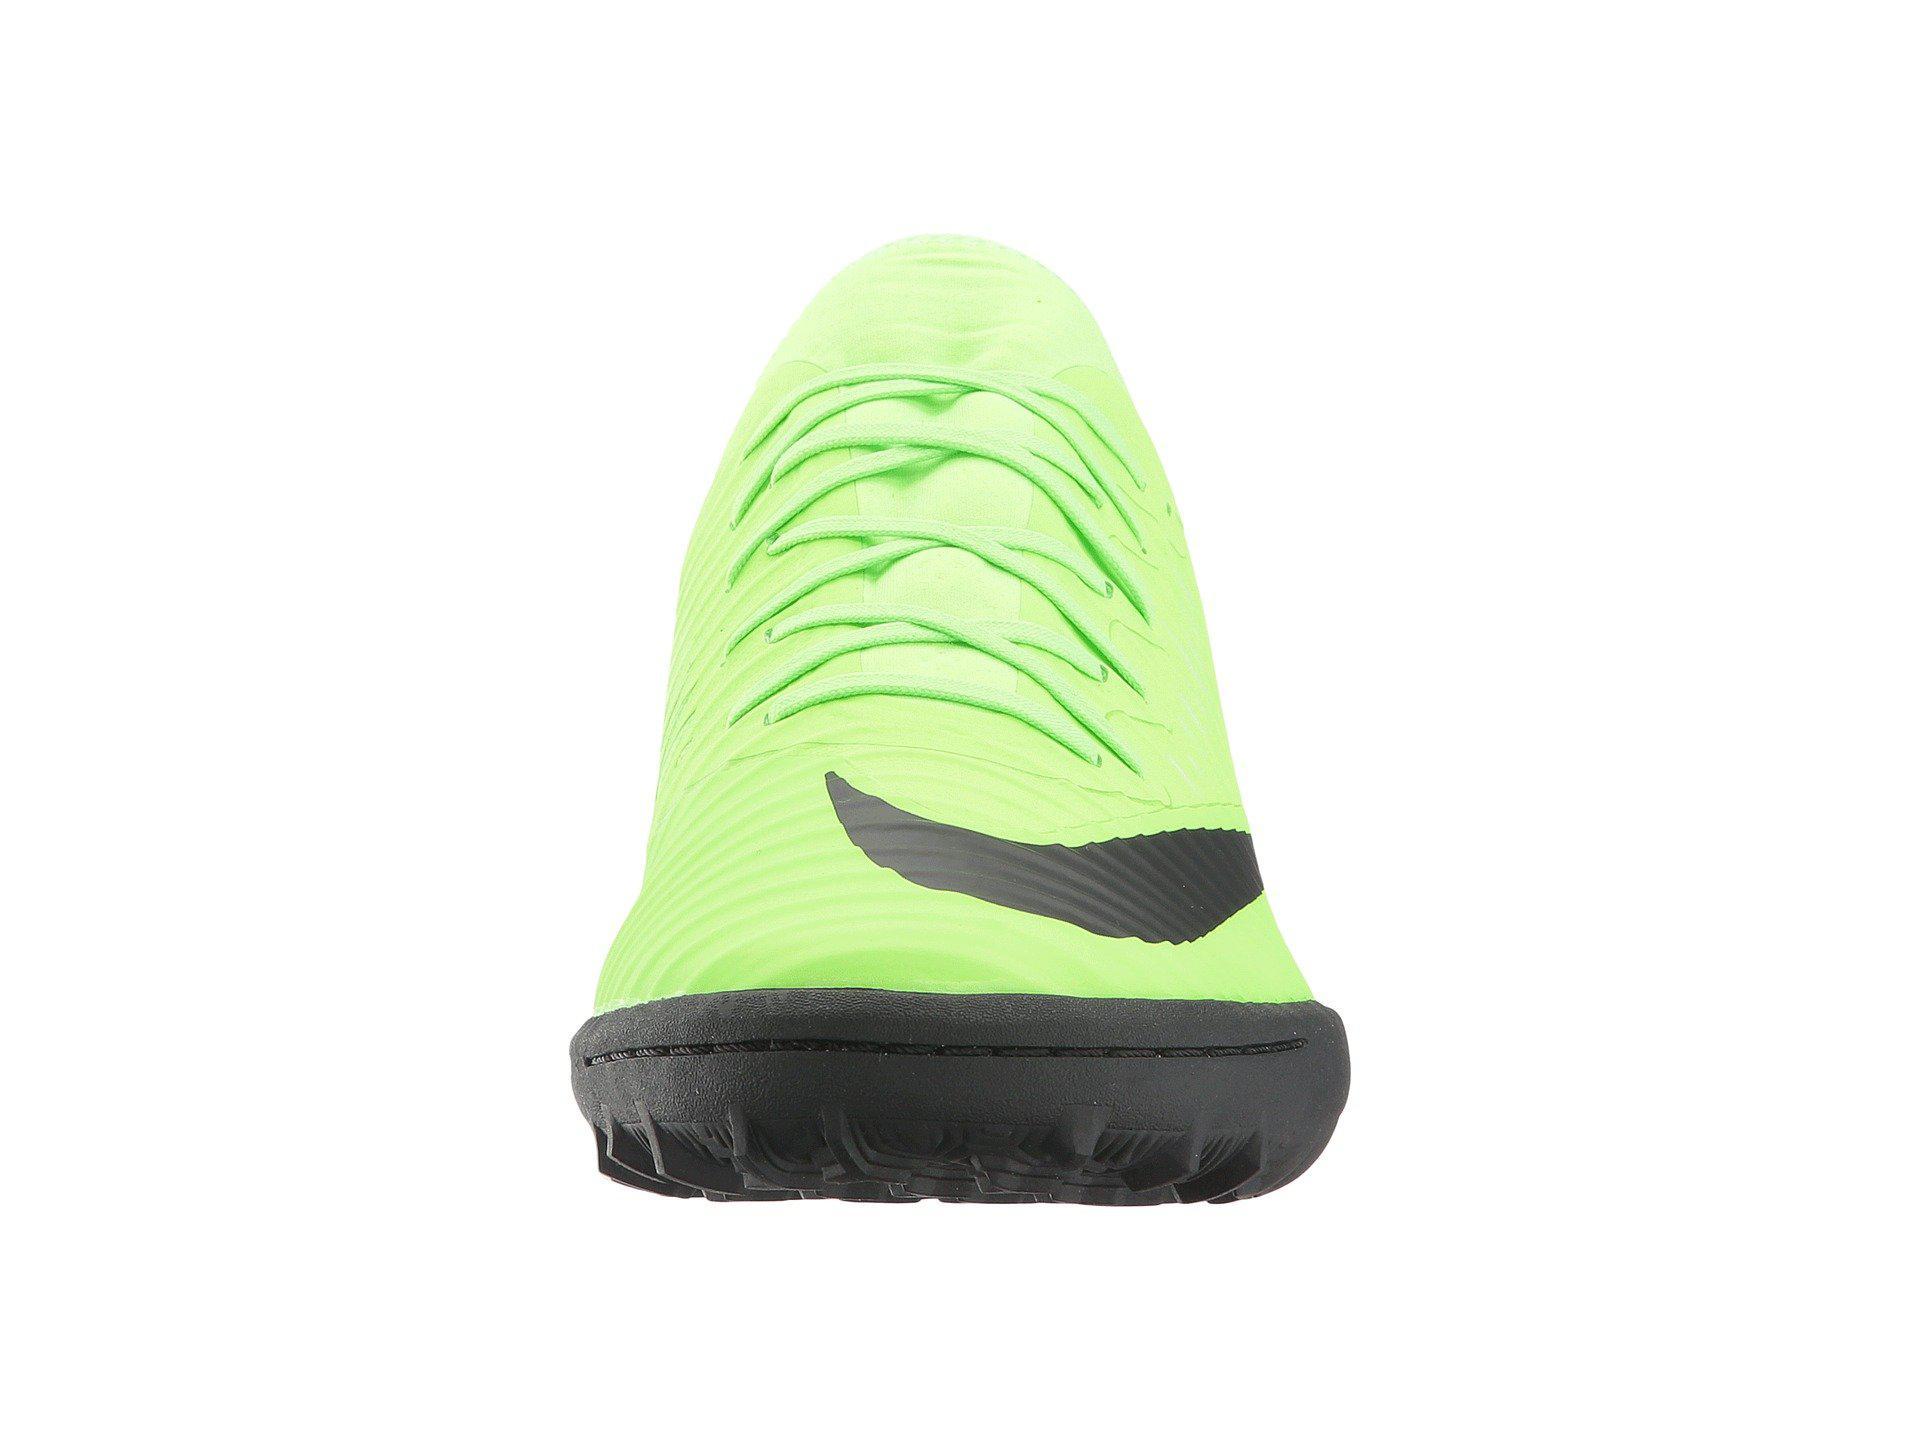 Lyst - Nike Mercurialx Finale Ii Tf in Green for Men b8ccebee9884e